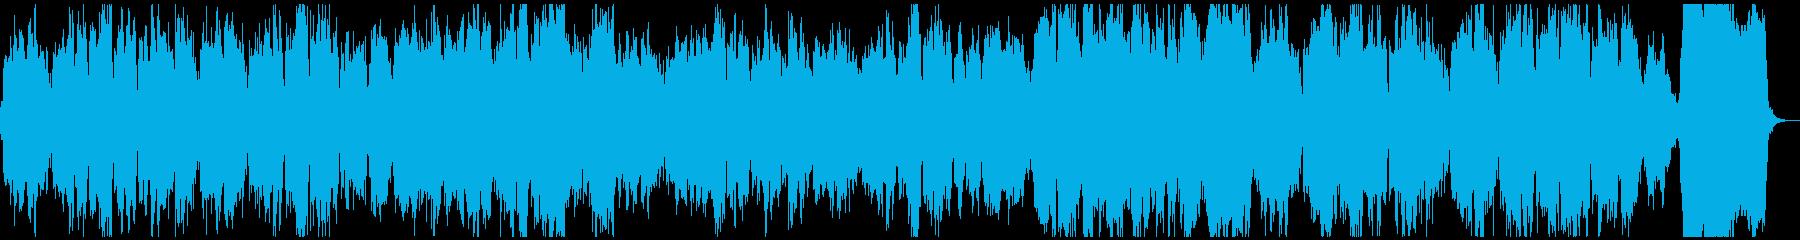 オーケストラ/ほのぼの/始まり/RPG風の再生済みの波形